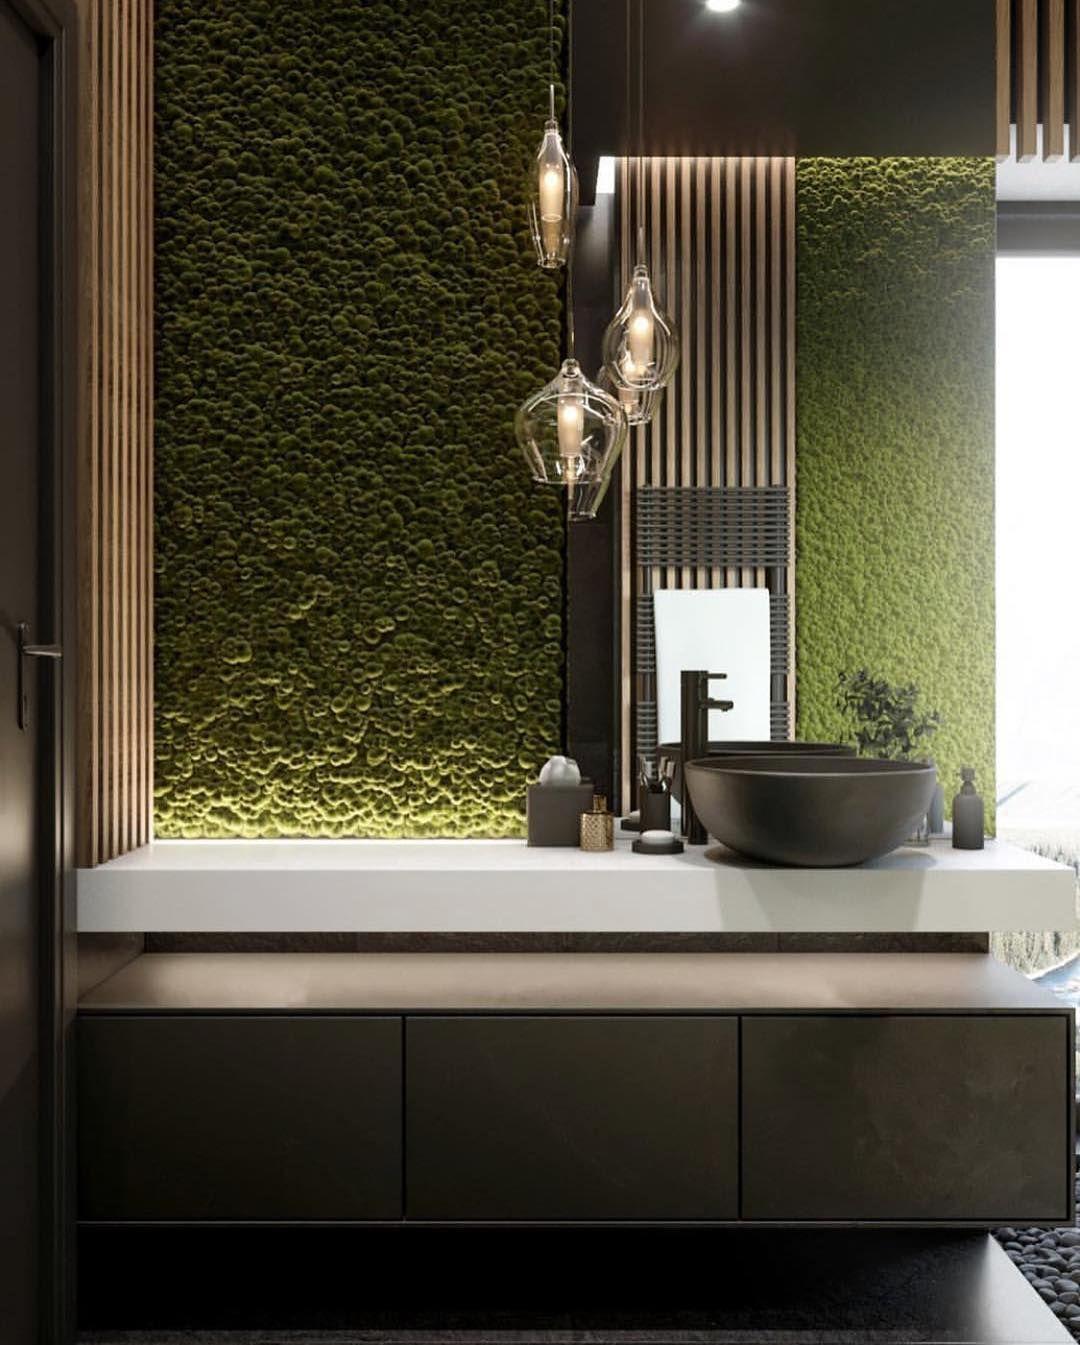 Best Home Decor Websites India In 2020 Bathroom Interior Design